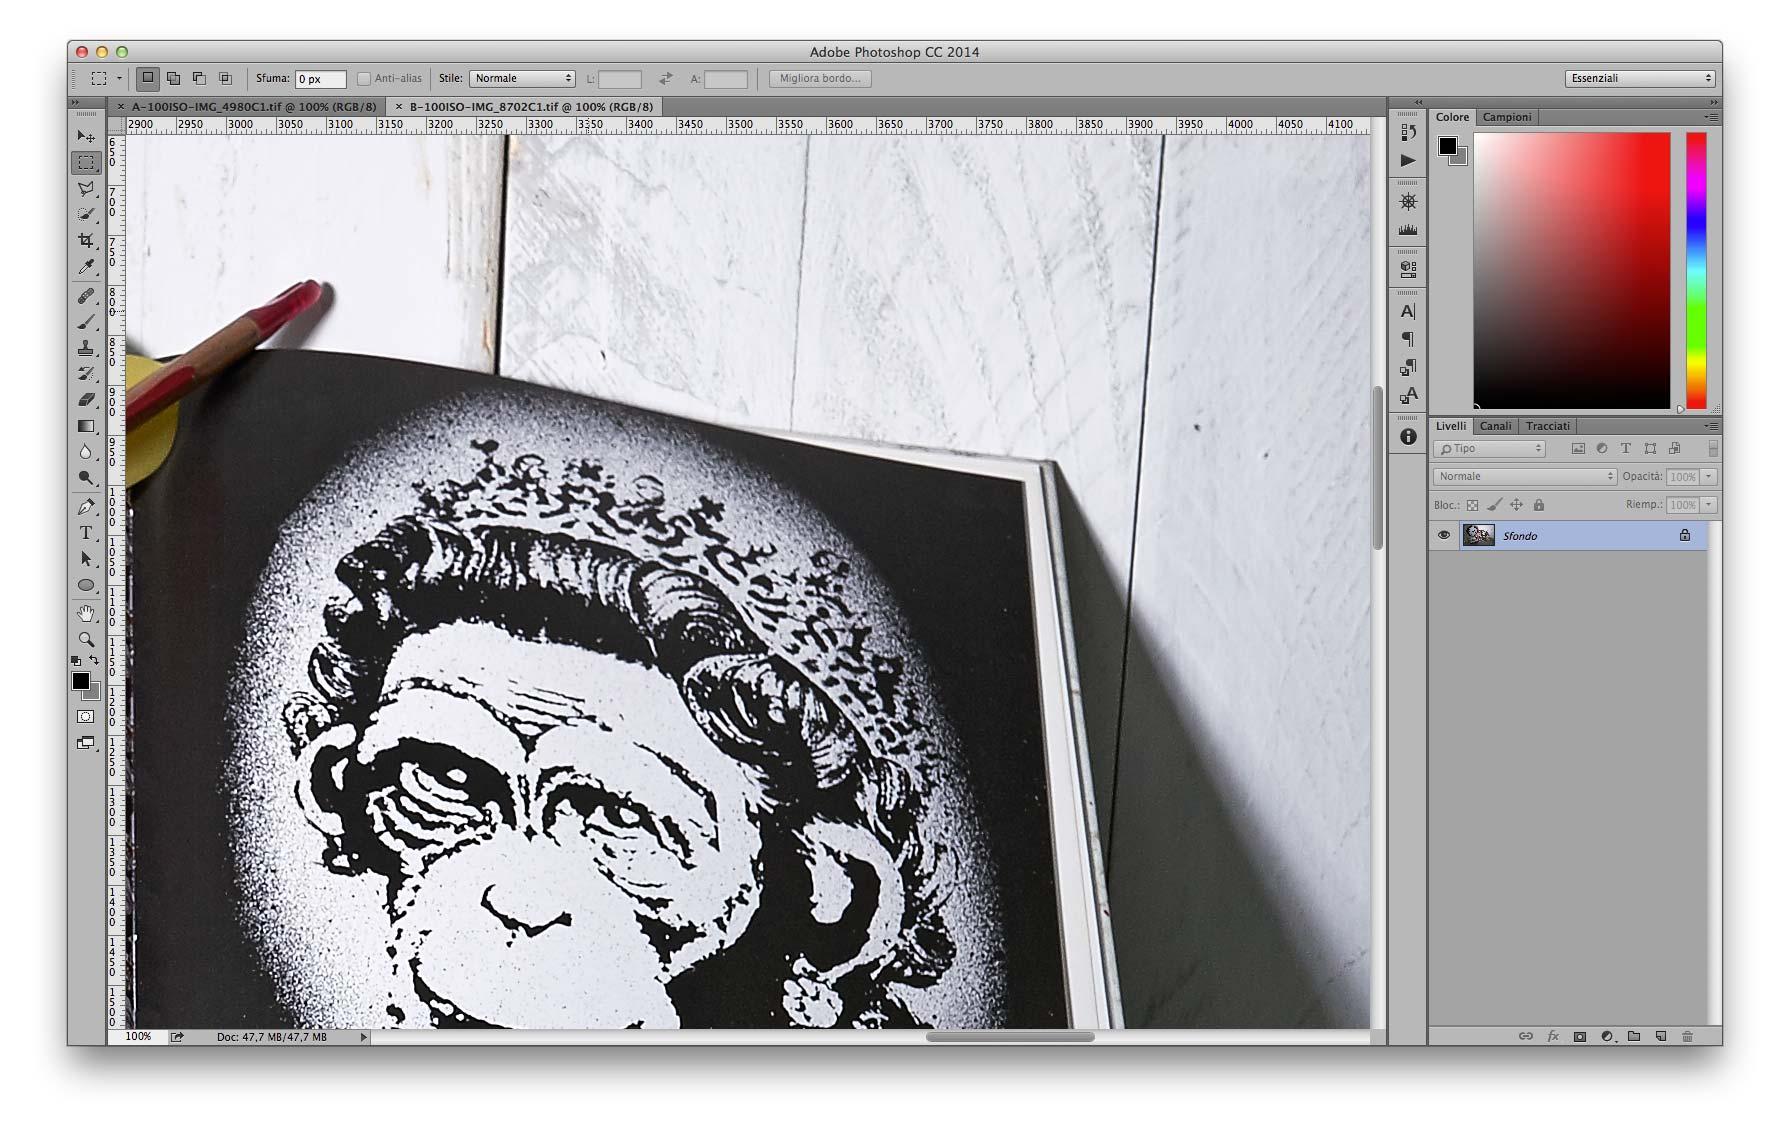 Dettaglio Alte Luci - B 35mm f/11 100 ISO Recuperati +2EV in sviluppo